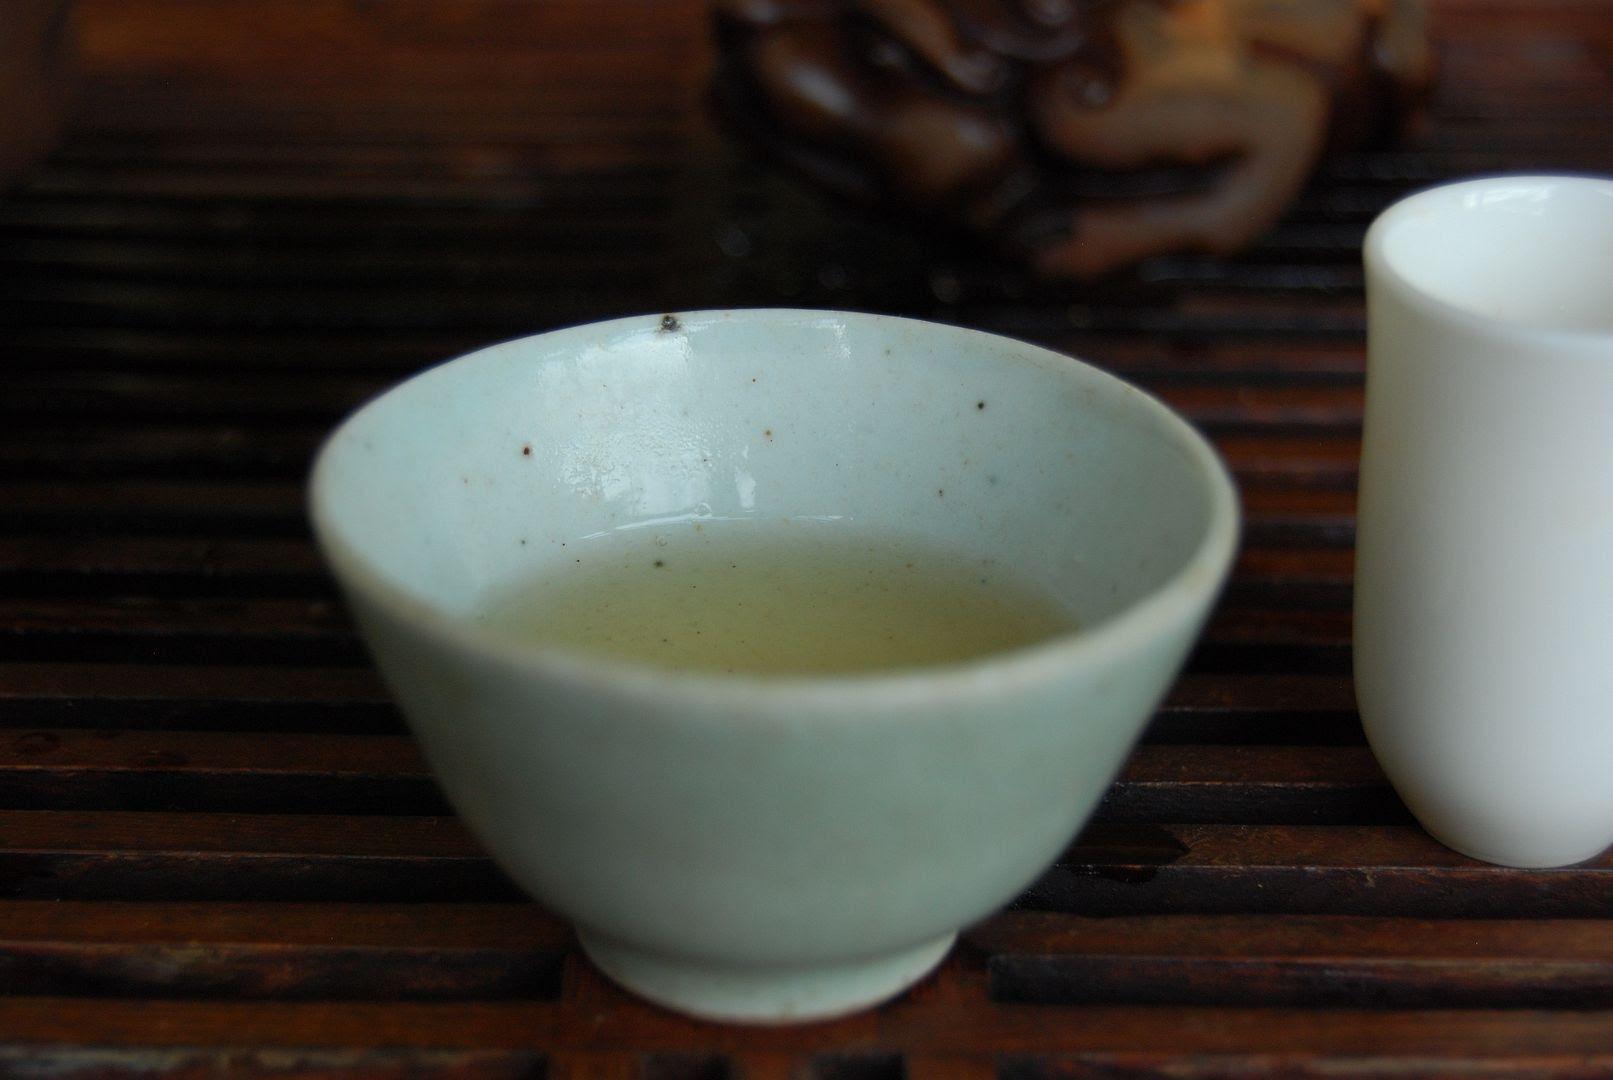 2012 Chawangpu Jingmai Xiaobing